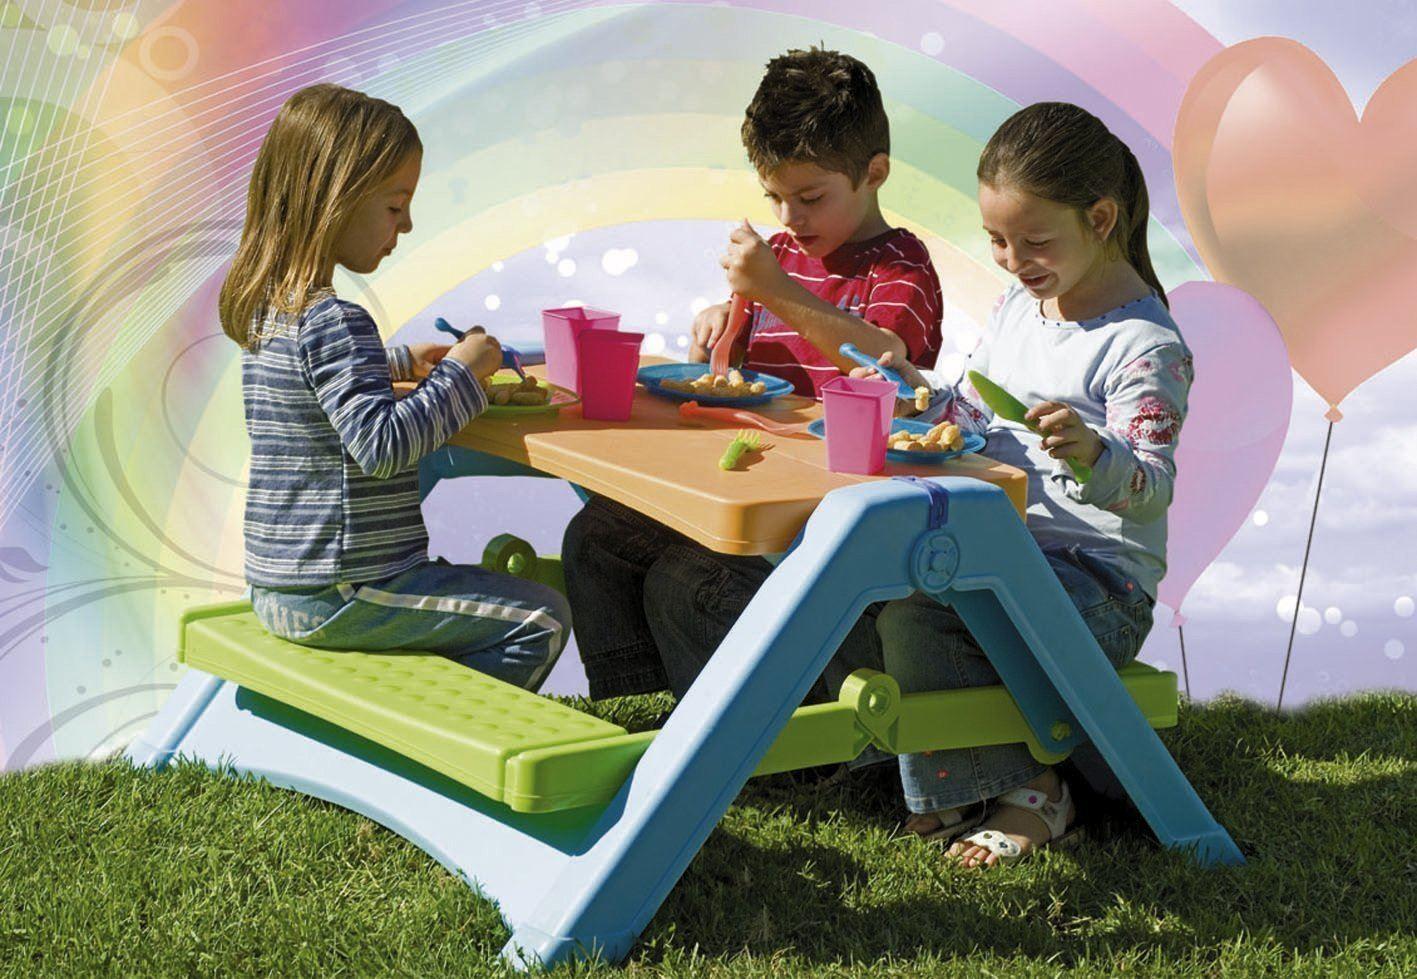 Kids Picnic Camping Outdoor Bench Garden Furniture Indoor